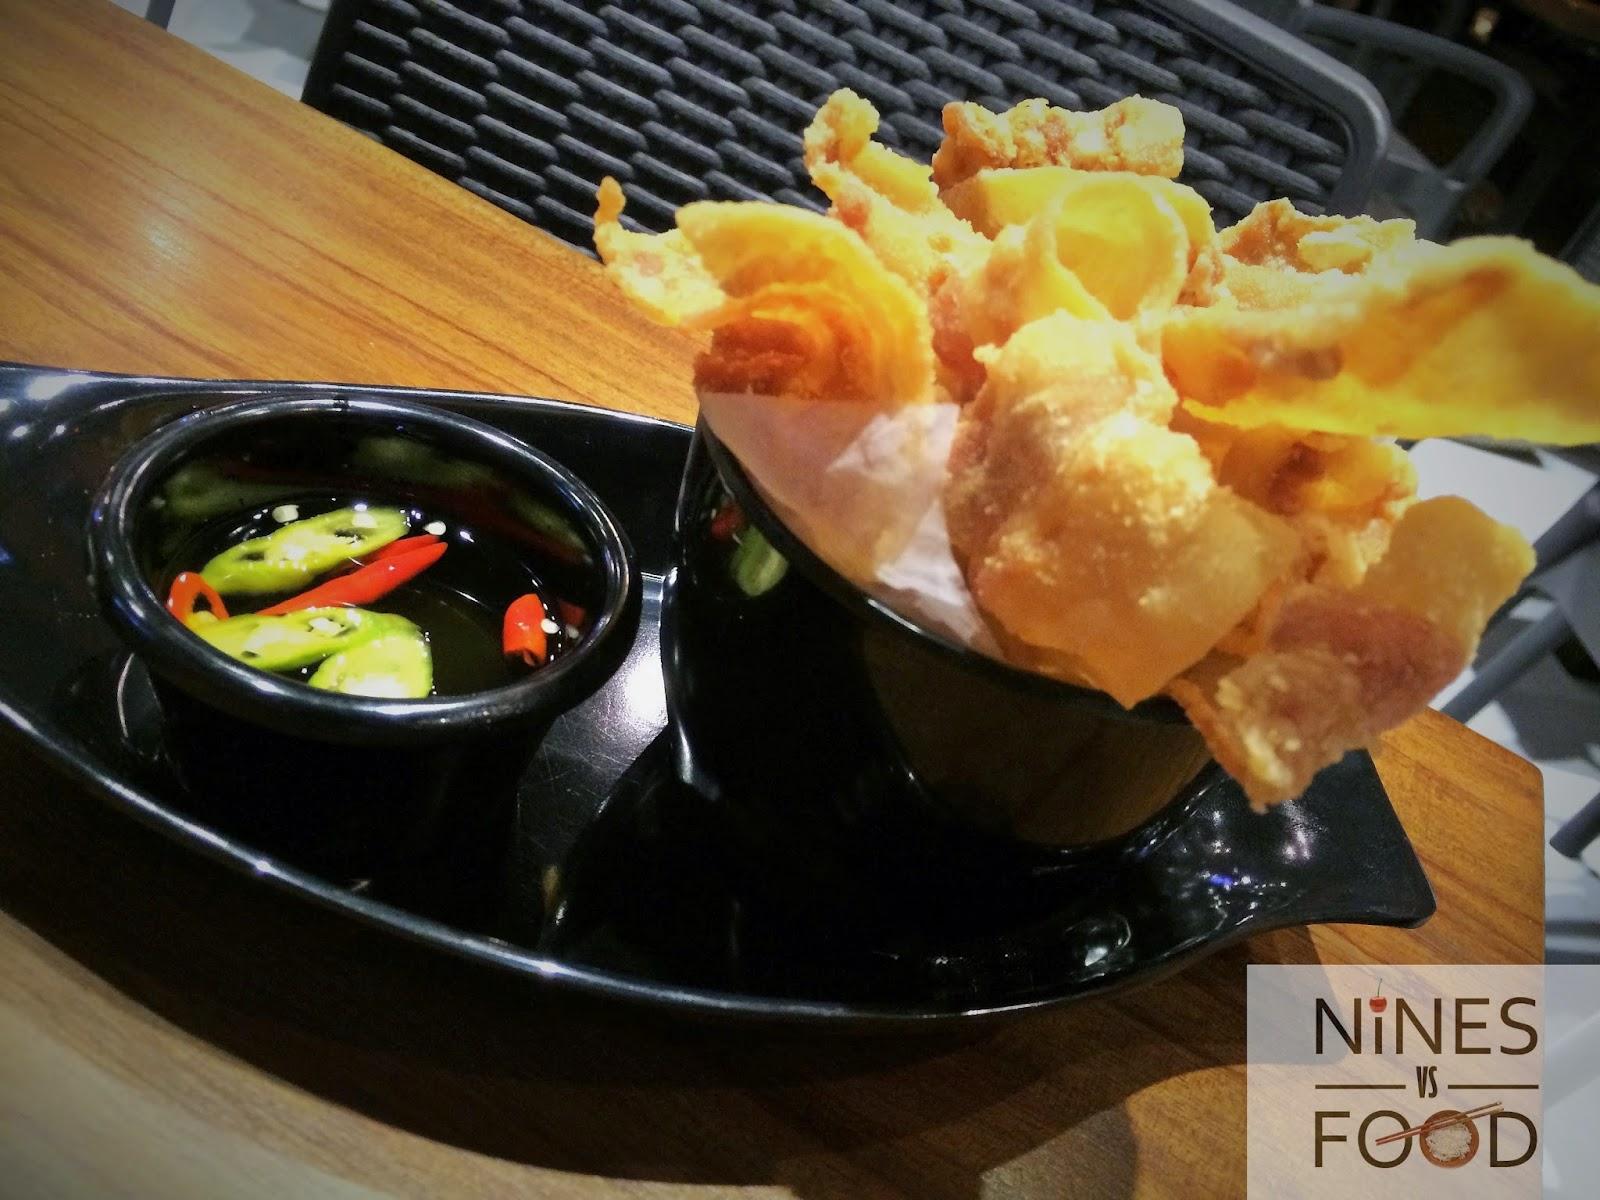 Nines vs. Food - Burgers & Brewskies-8.jpg